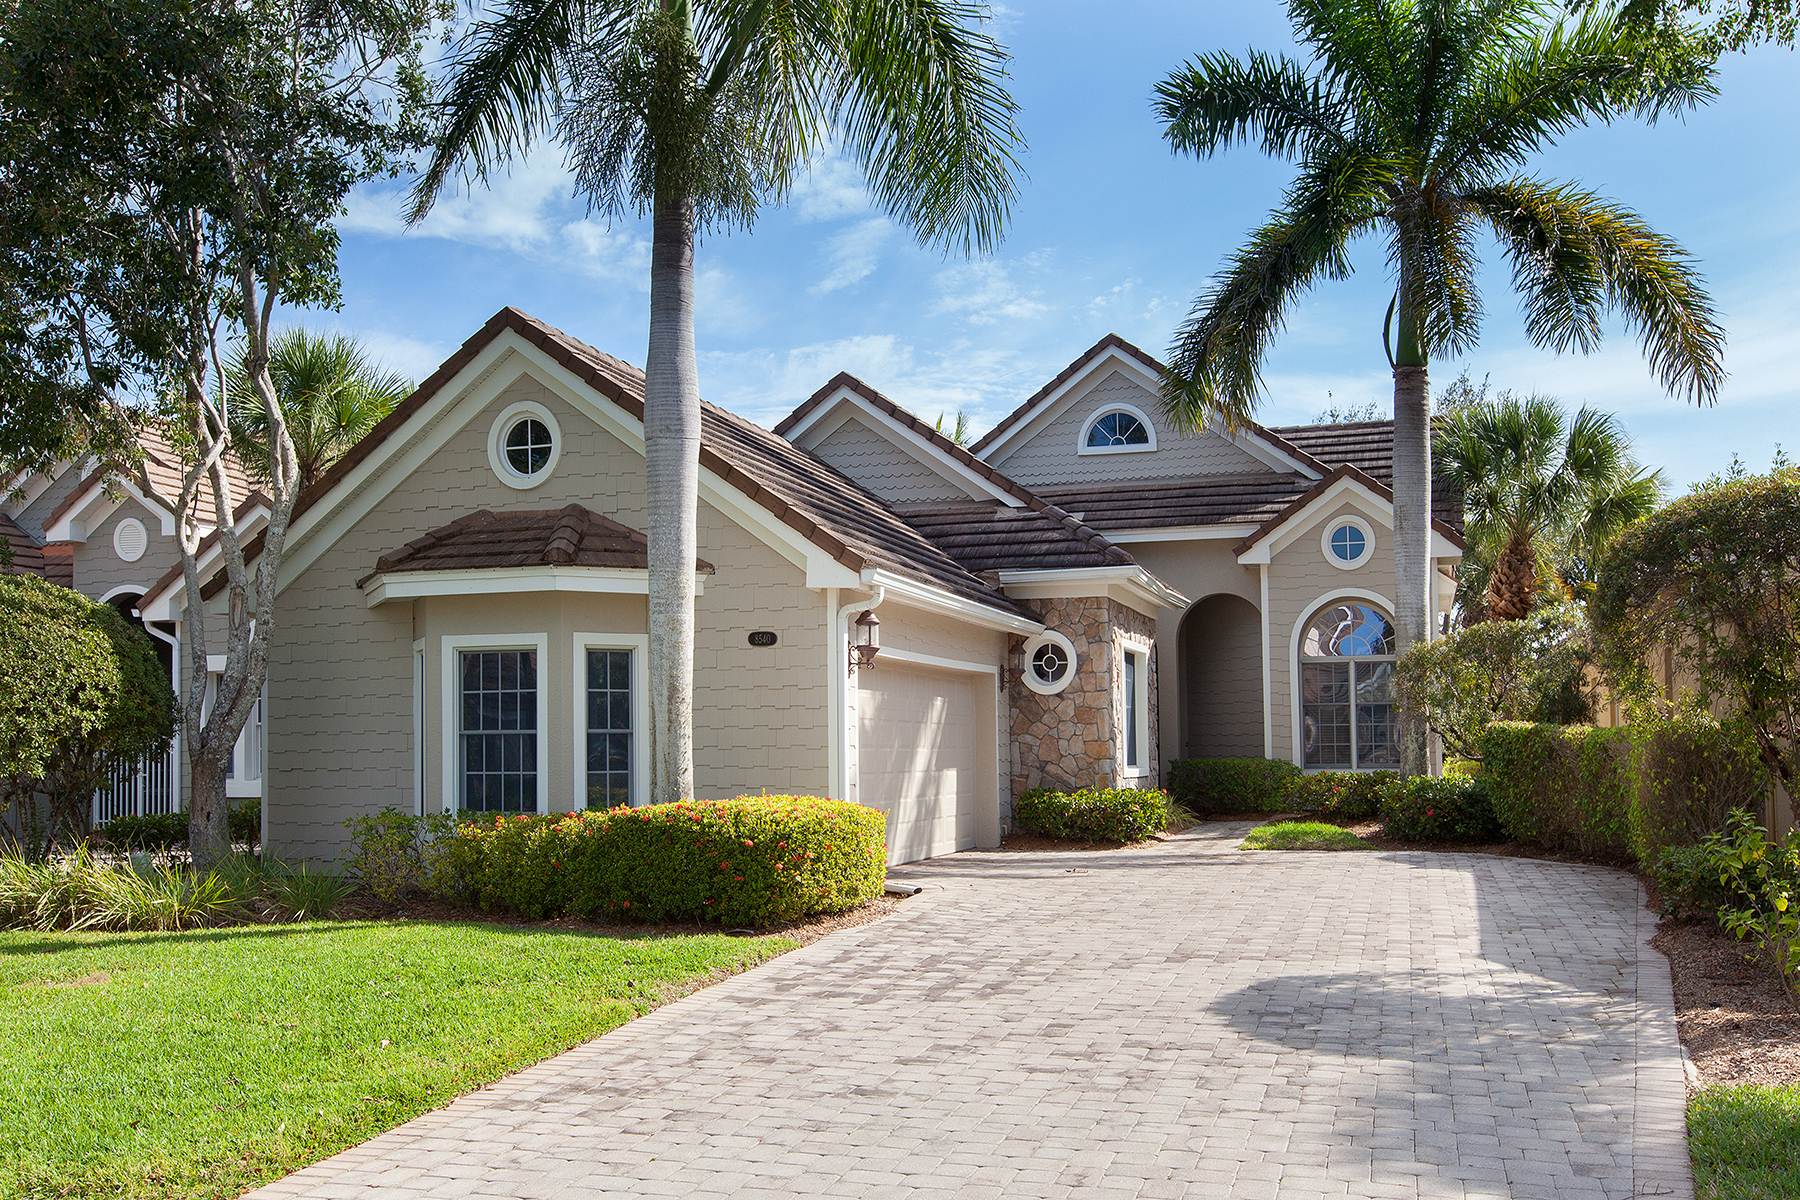 Maison unifamiliale pour l Vente à FIDDLERS CREEK 8540 Mallards Way Naples, Florida, 34114 États-Unis